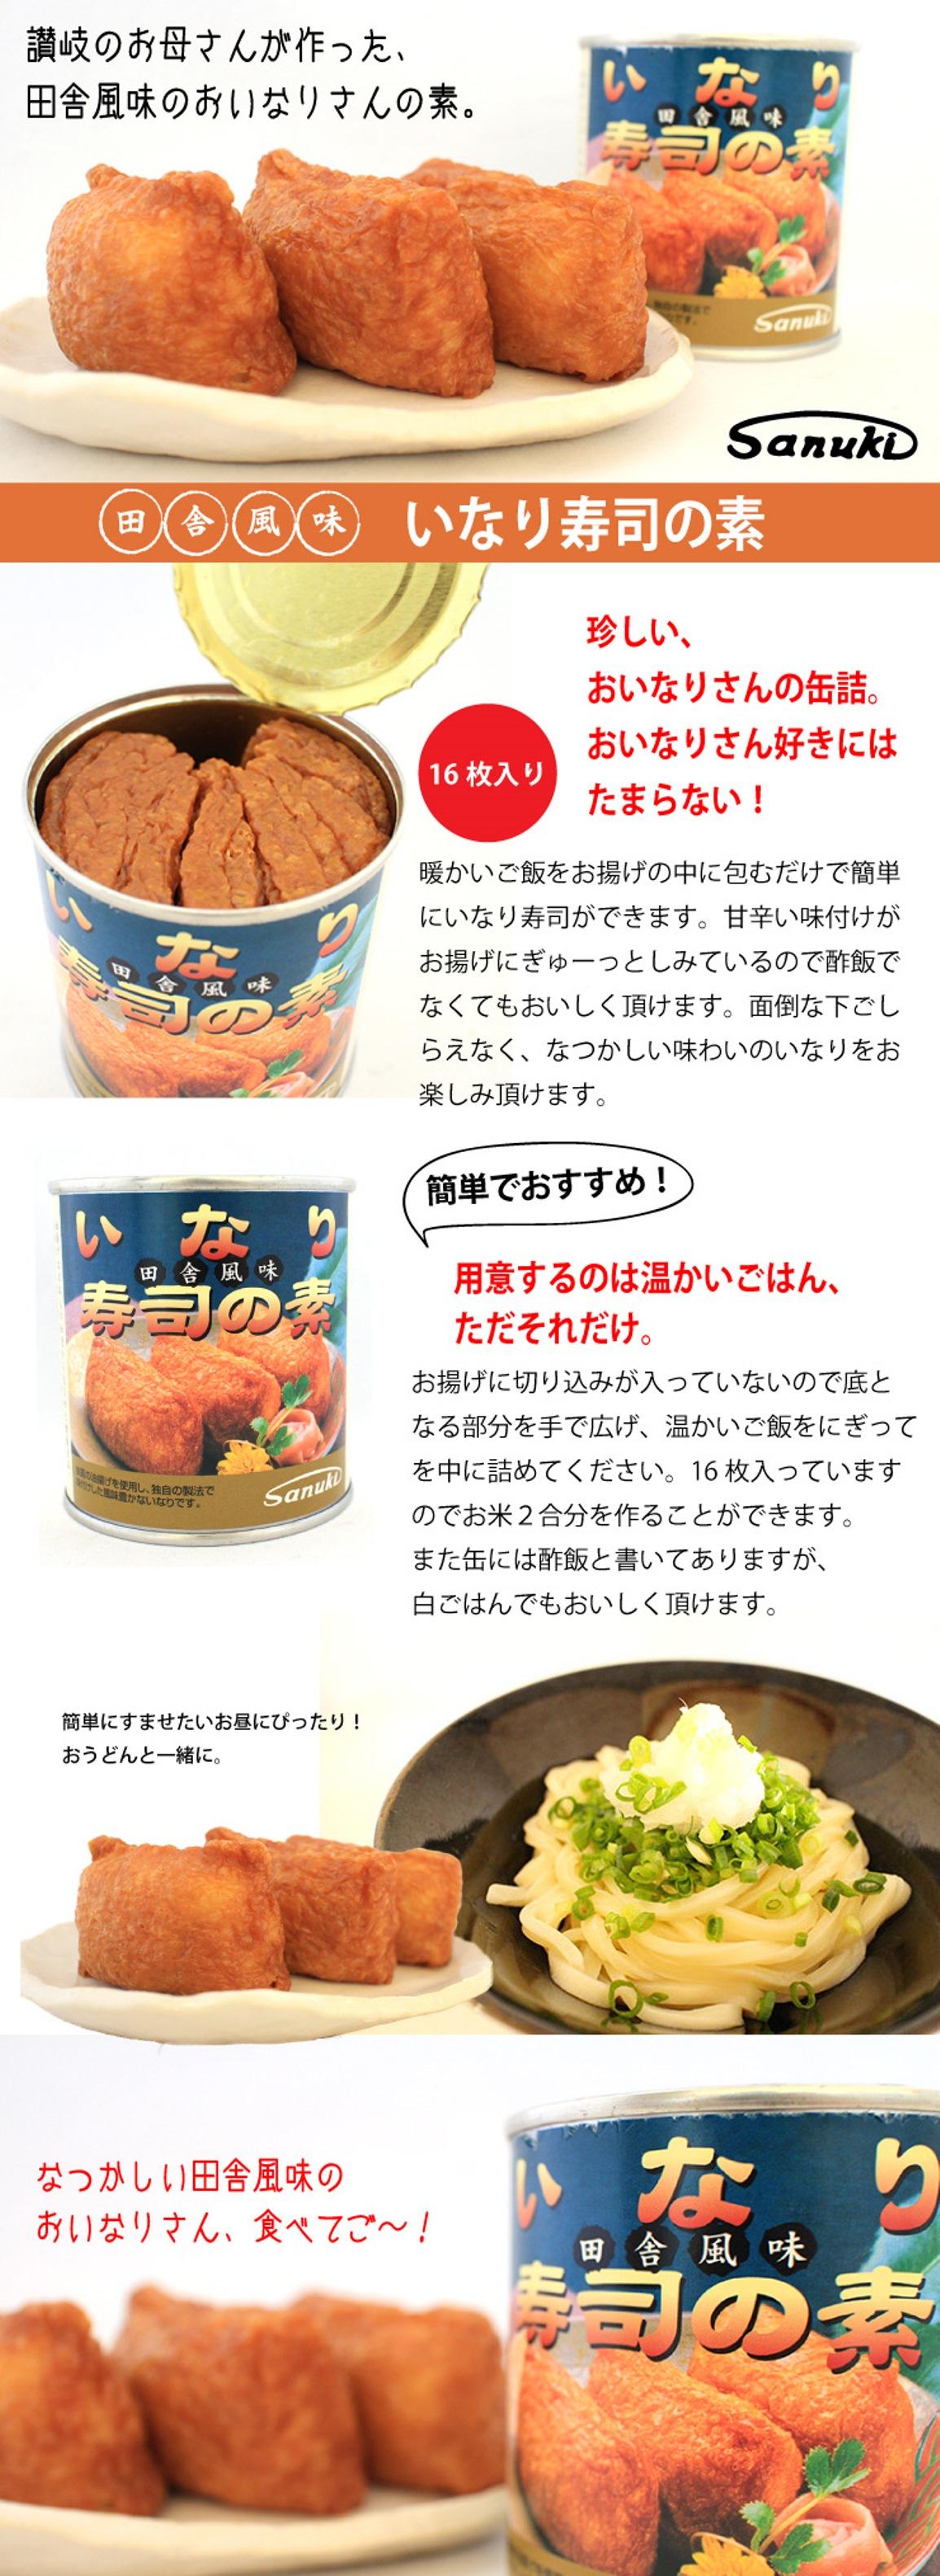 珍しい、いなりあげの缶詰です。ご飯を詰めるだけで簡単に田舎風味の美味しいいなり寿司をお召し上がりいただけます。